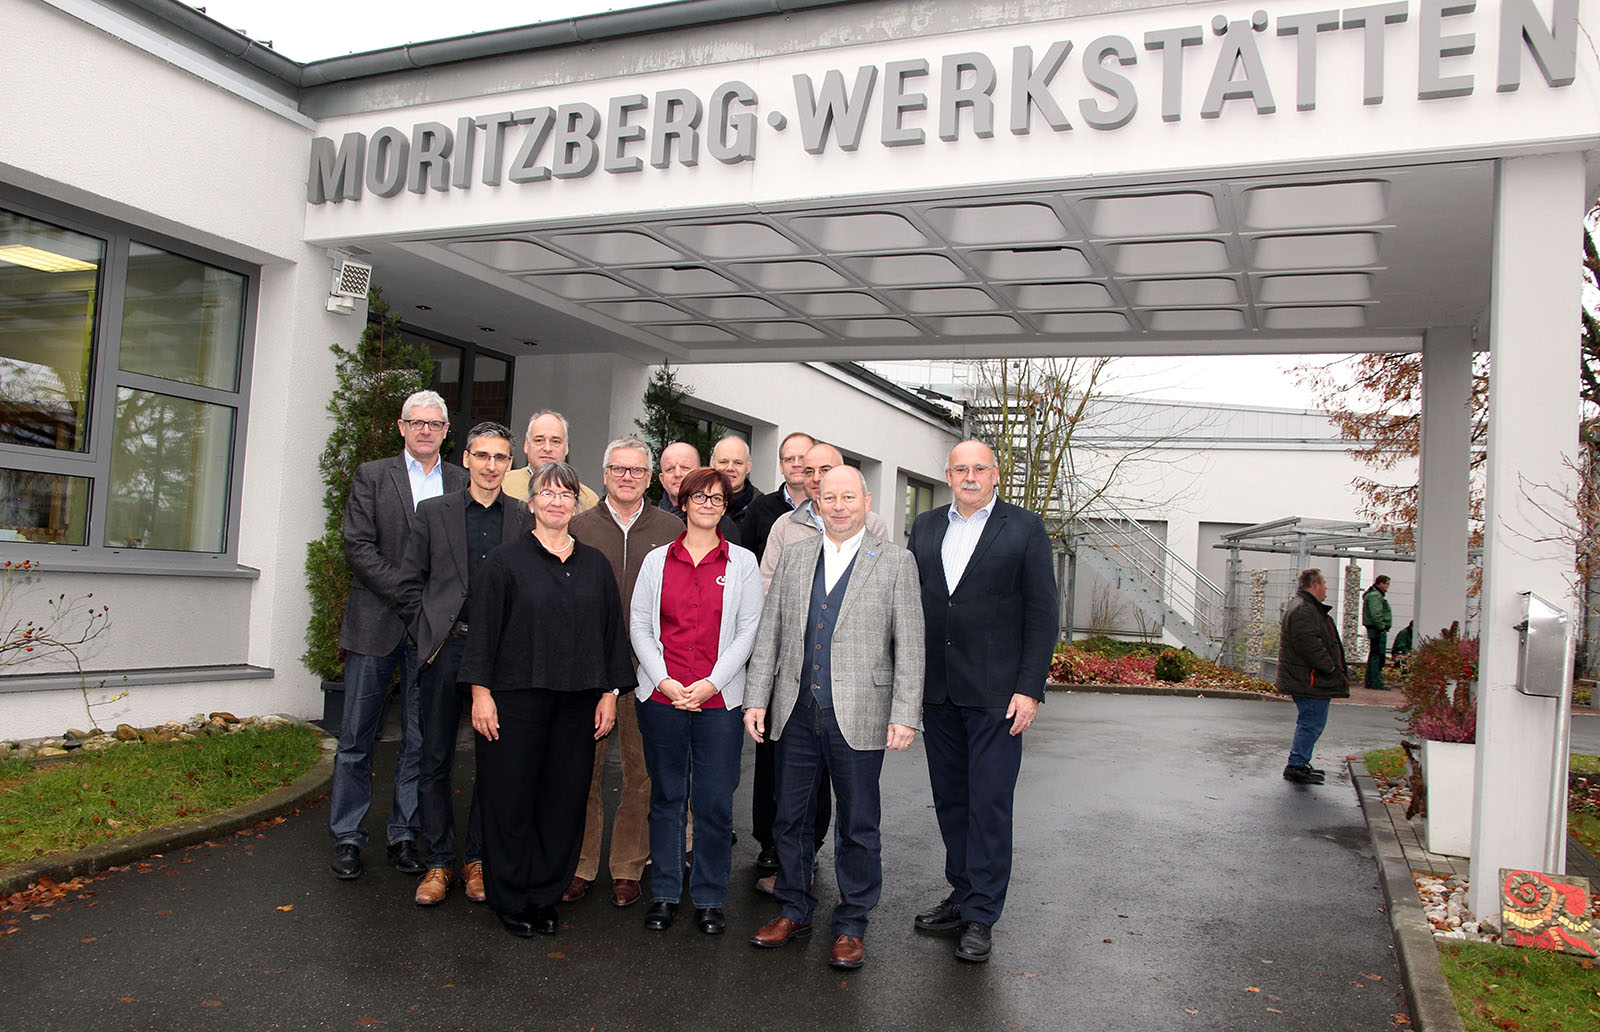 Bayerische Lebenshilfe-Werkstattleiter tagten in den Moritzberg-Werkstätten